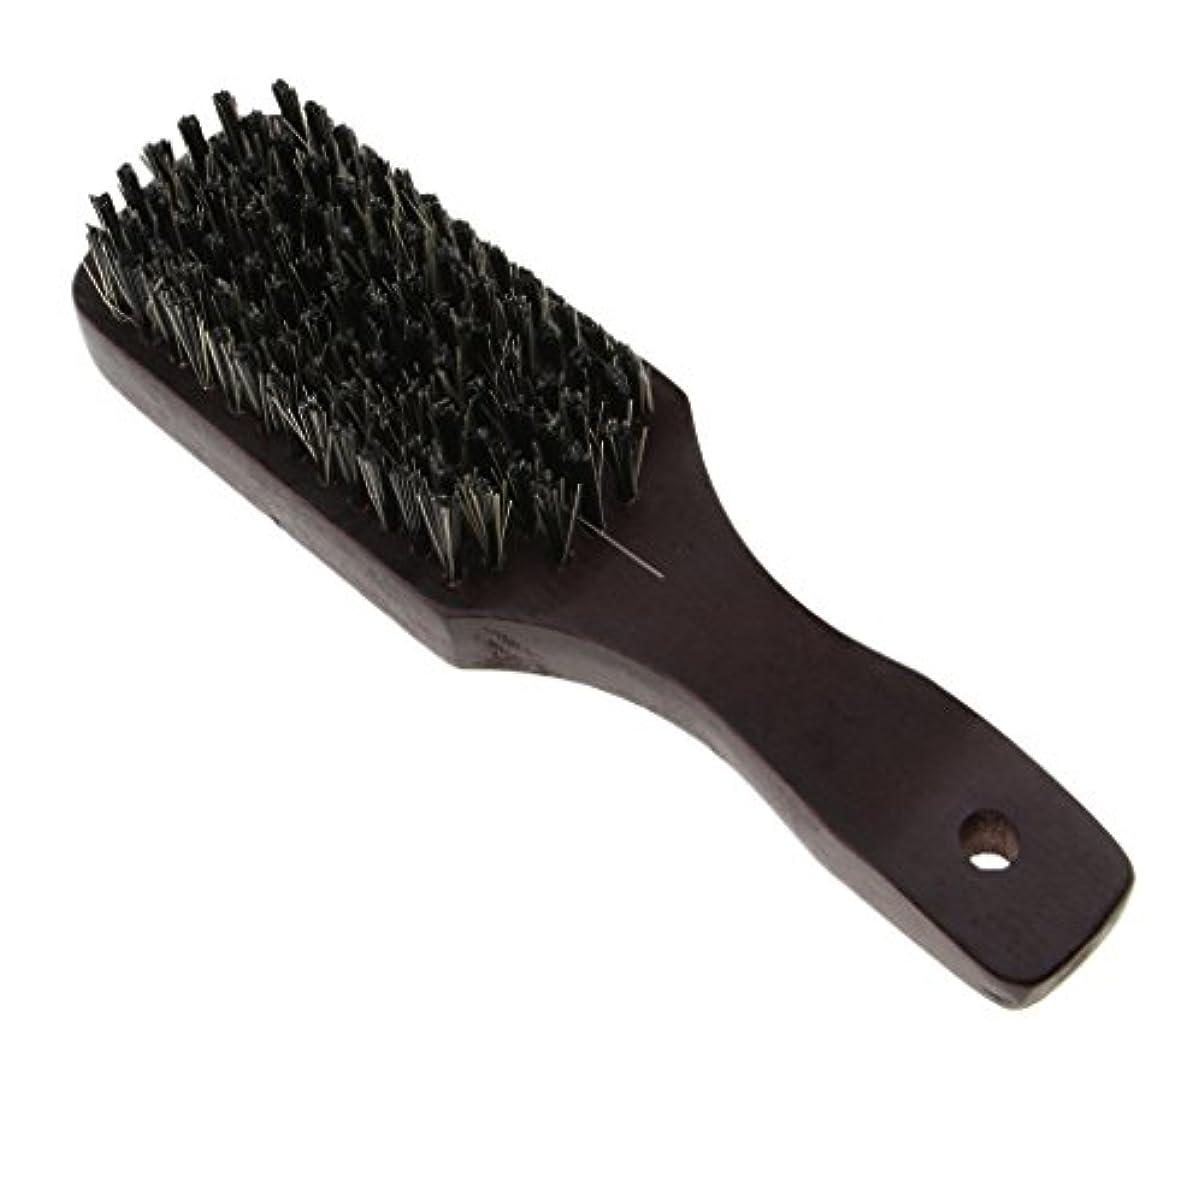 予感事精通したヘアブラシ 髪の櫛 木製 サロン バリバー アフロ ヘアピック ブラシ 櫛